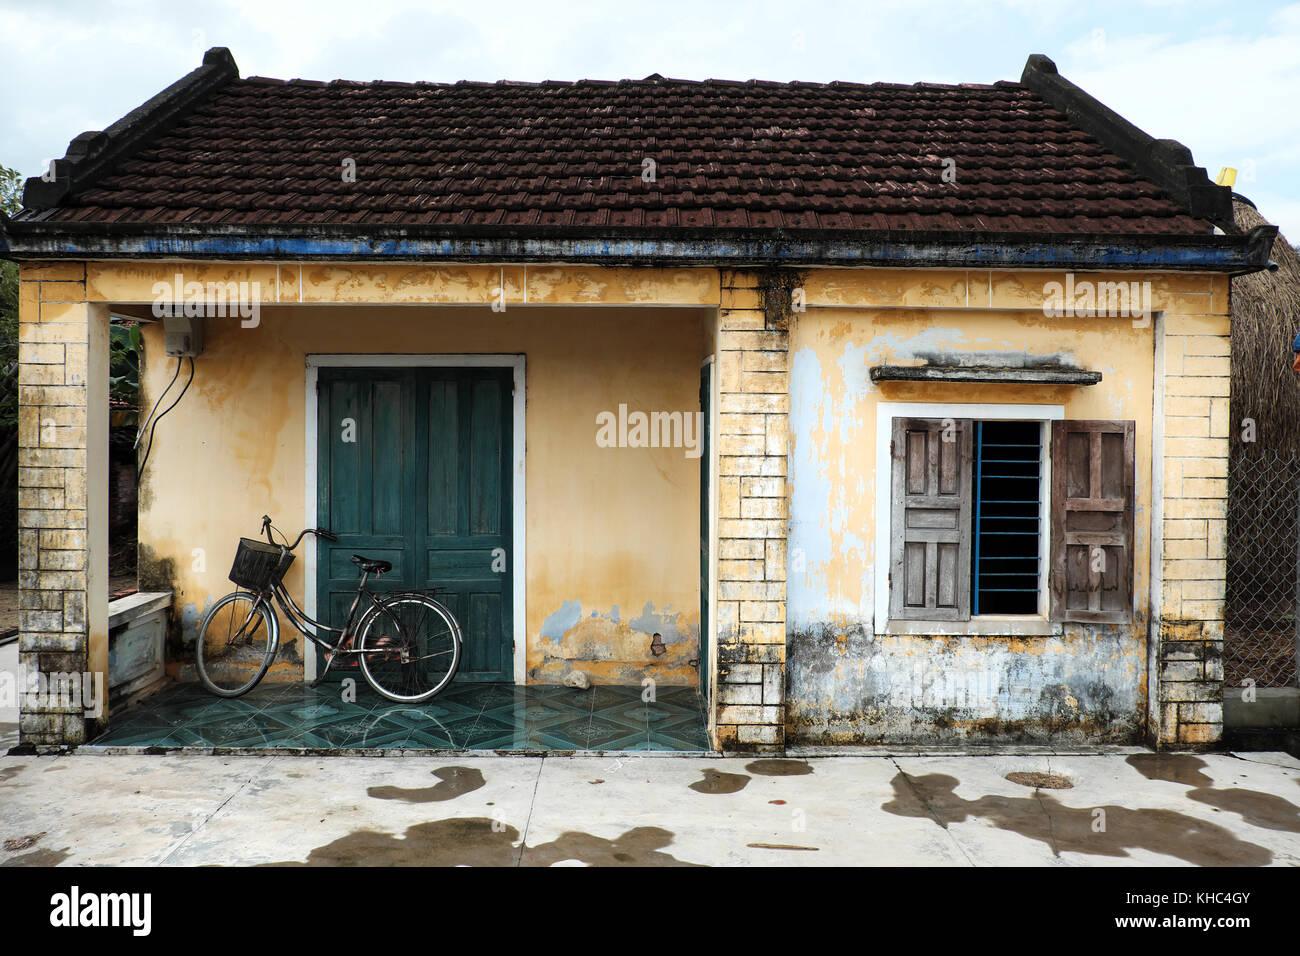 Vietnamesische Altes Haus Mit Holz Tur Holz Fenster Und Fahrrad